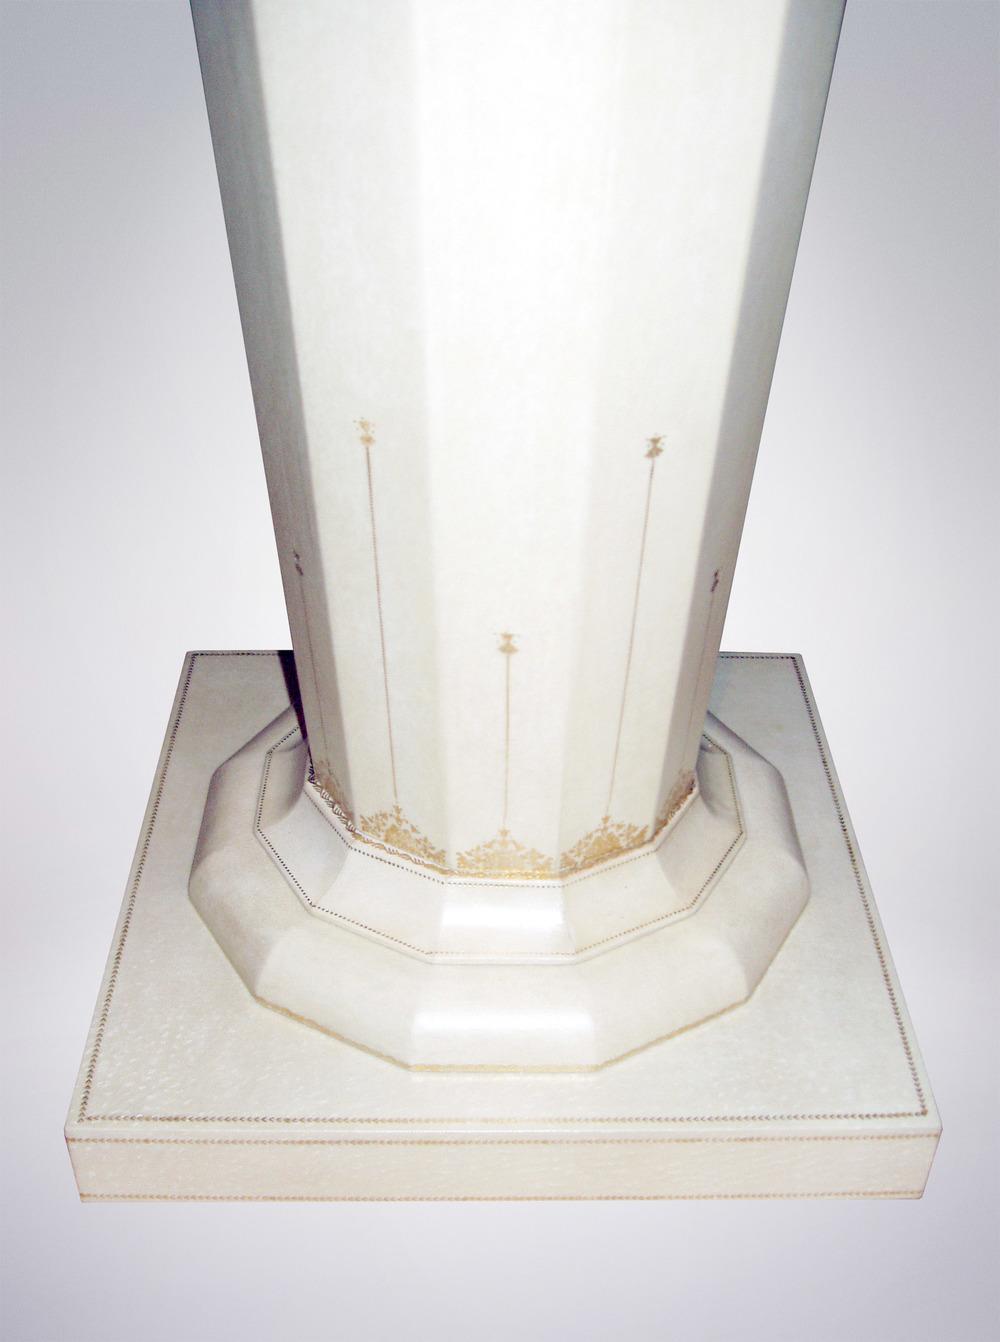 Gilded Pedestal Detail